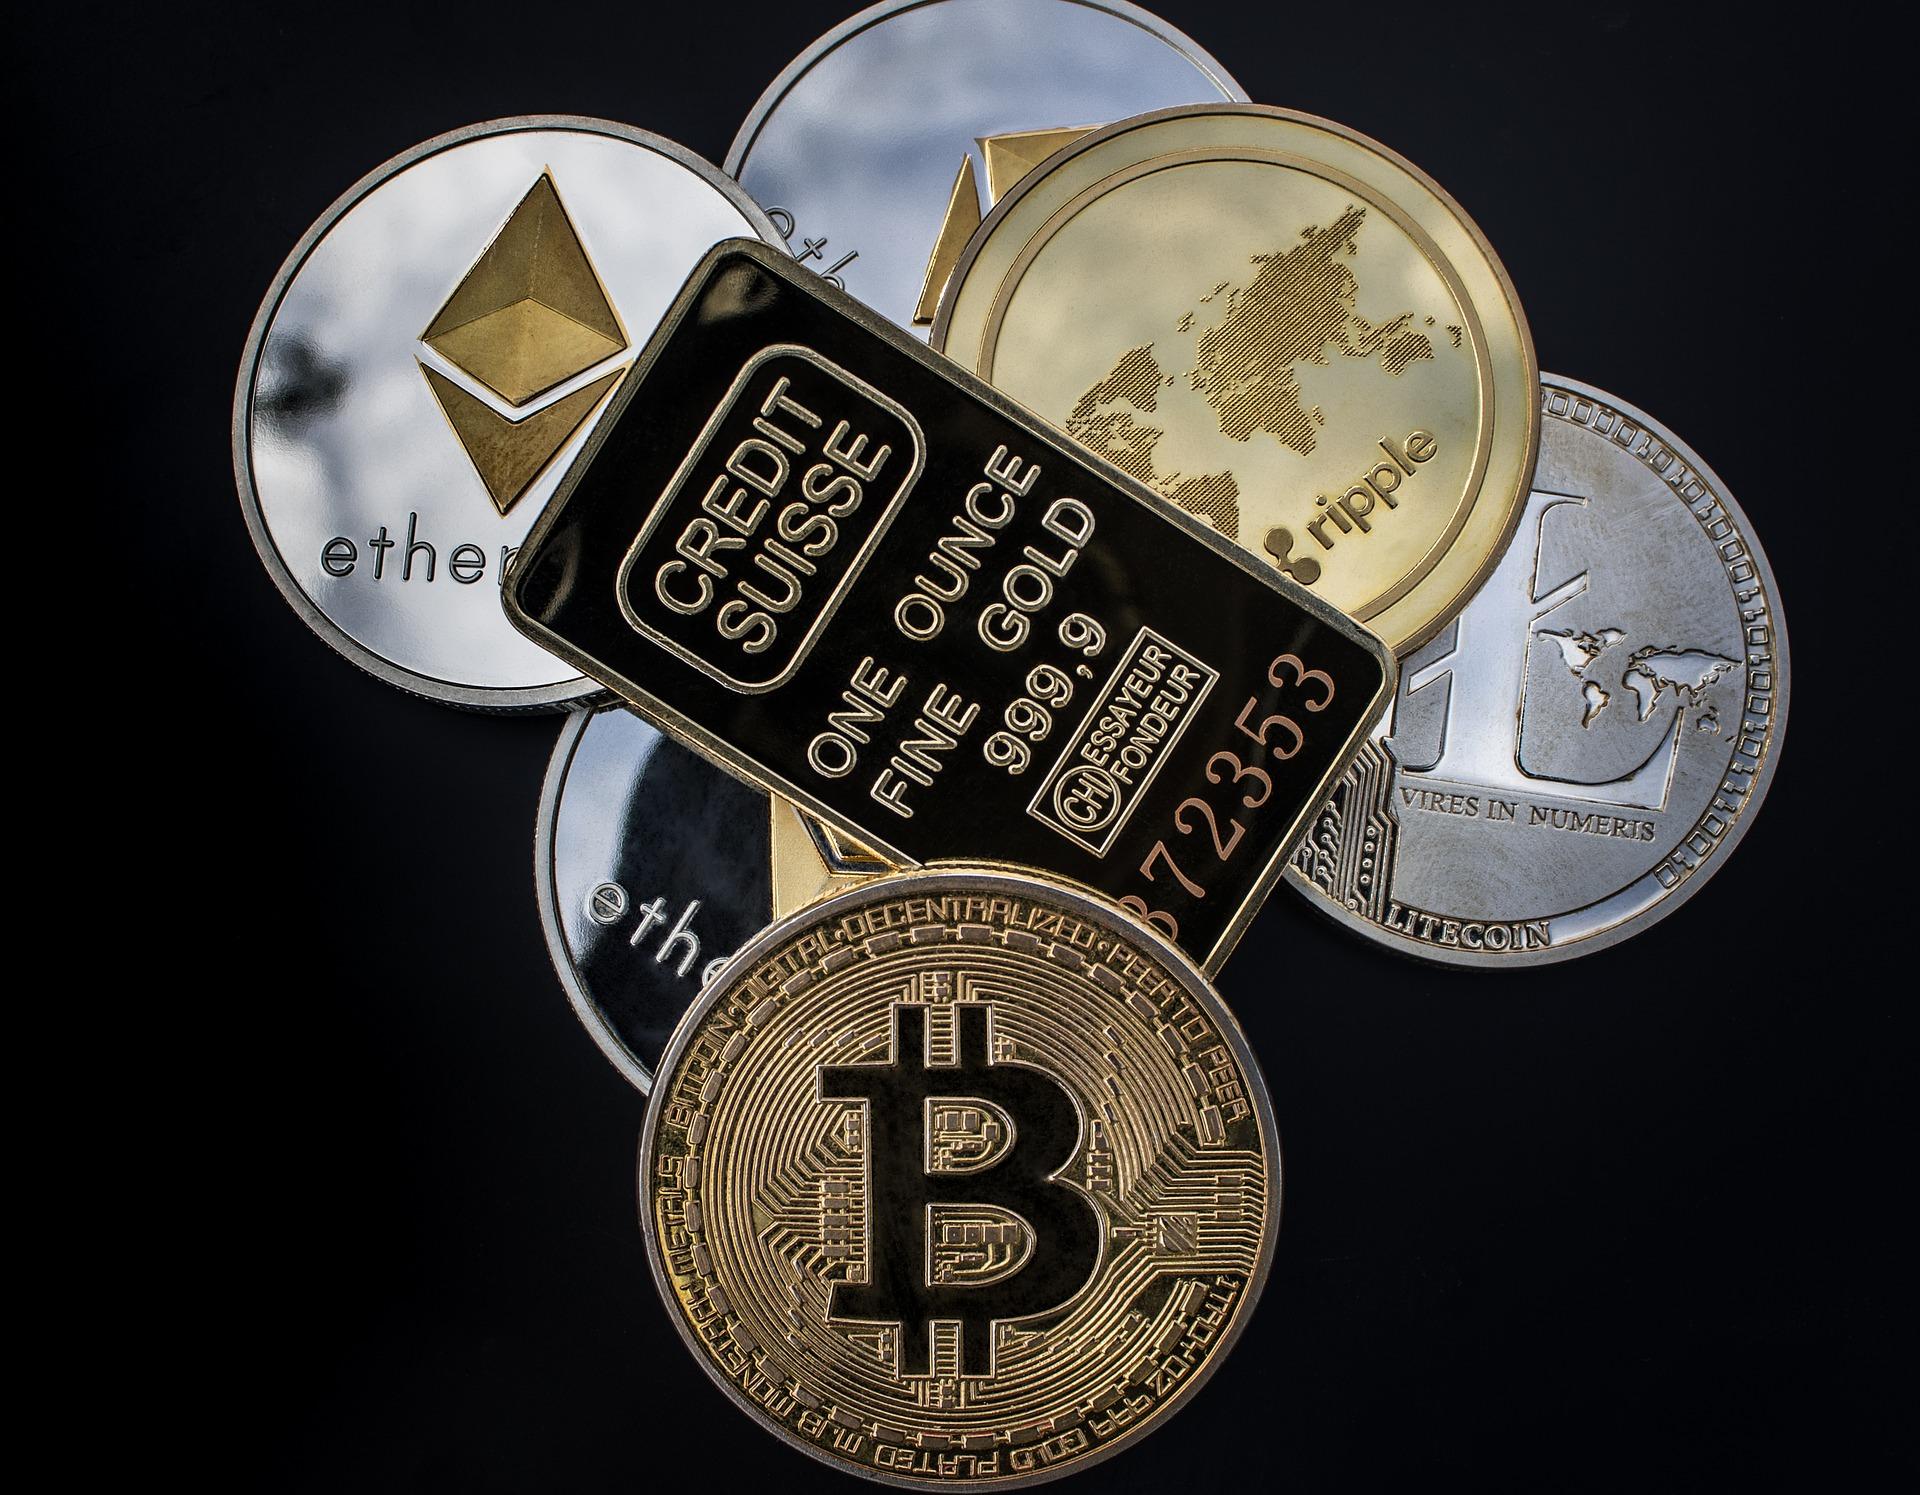 Bitcoin tranzakció - A Bitcoin utalás folyamata a küldéstől a fogadásig